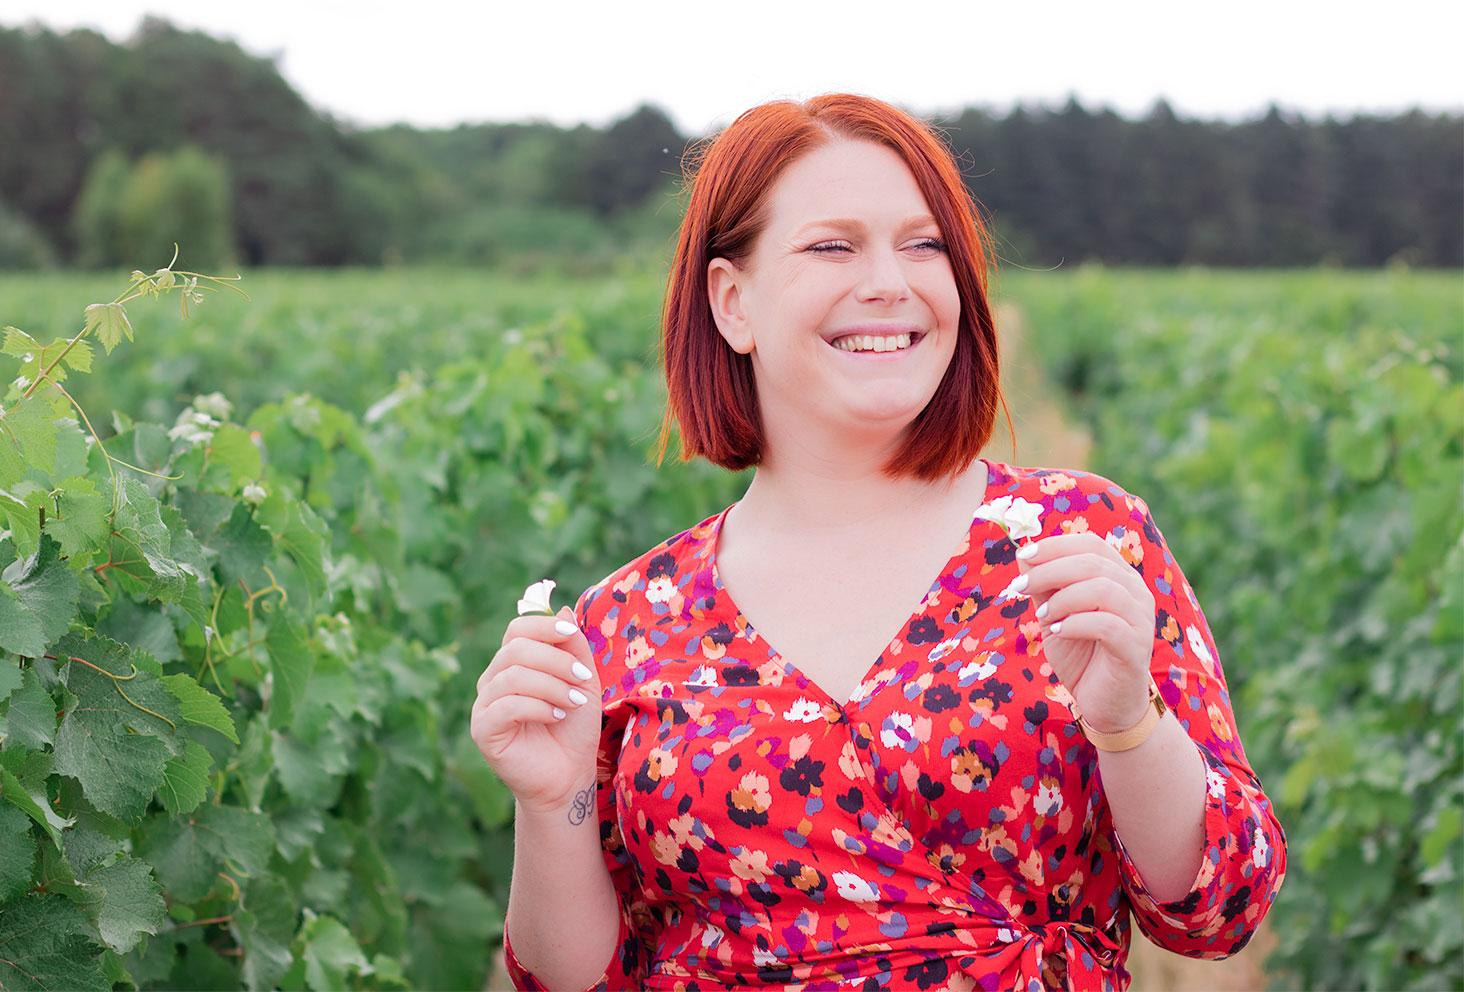 Zoom sur le décolleté cache-coeur de la robe rouge à fleurs Grain de Malice portée avec le sourire au milieu des vignes, des fleurs blanches dans chaque mains